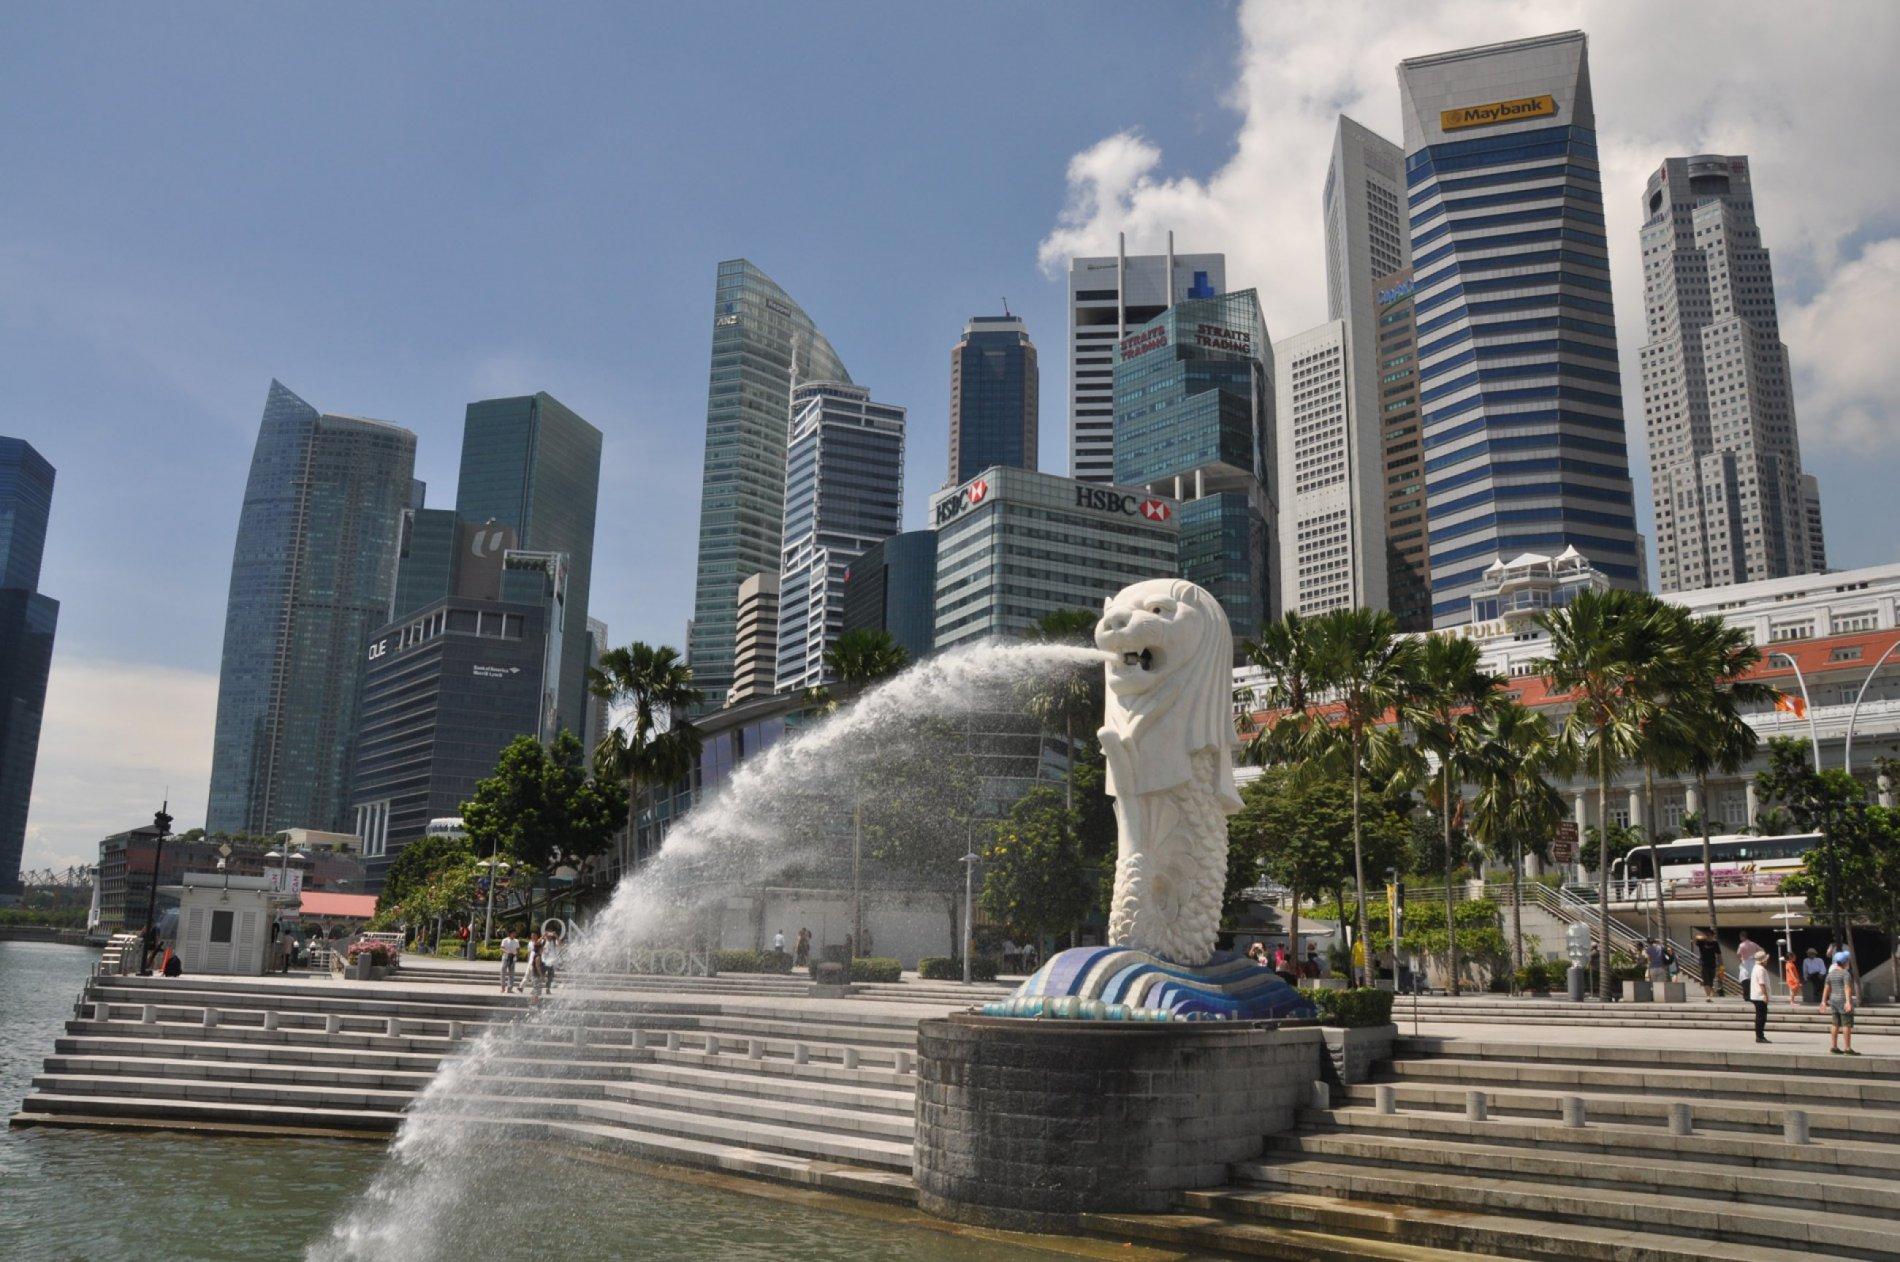 pripojiť stránky Singapur ako viete, že ste datovania alkoholické